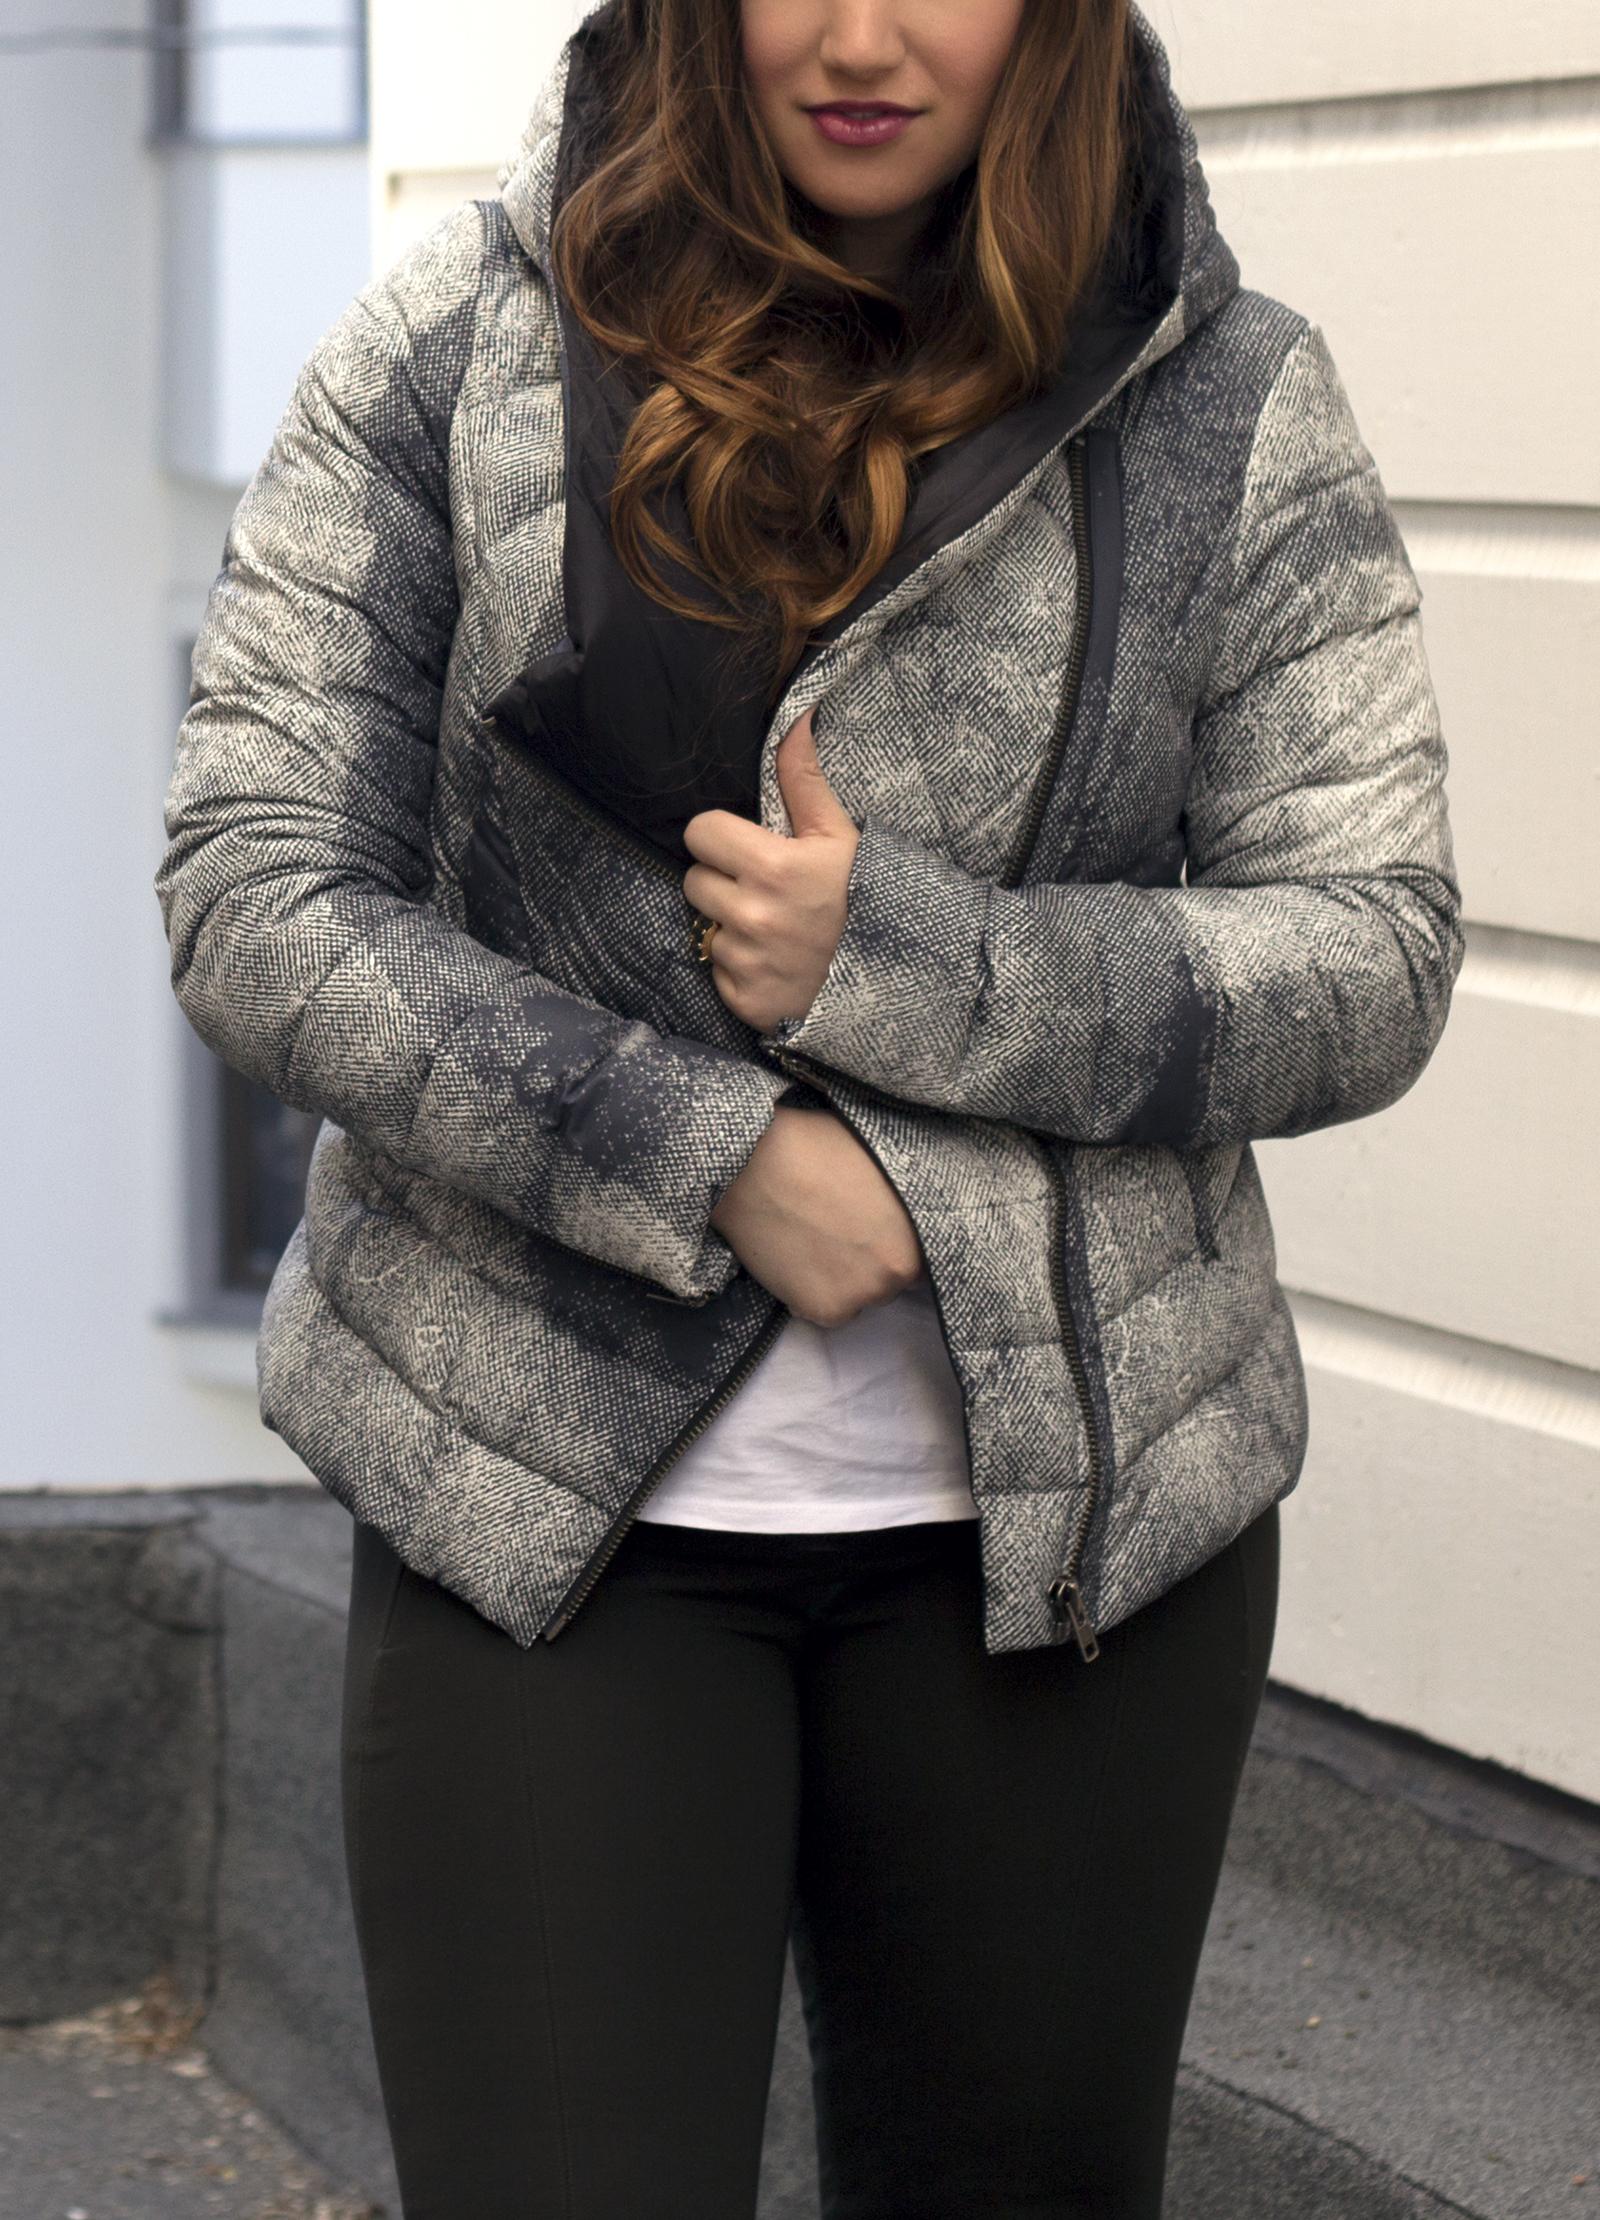 helmut lang puffer jacket